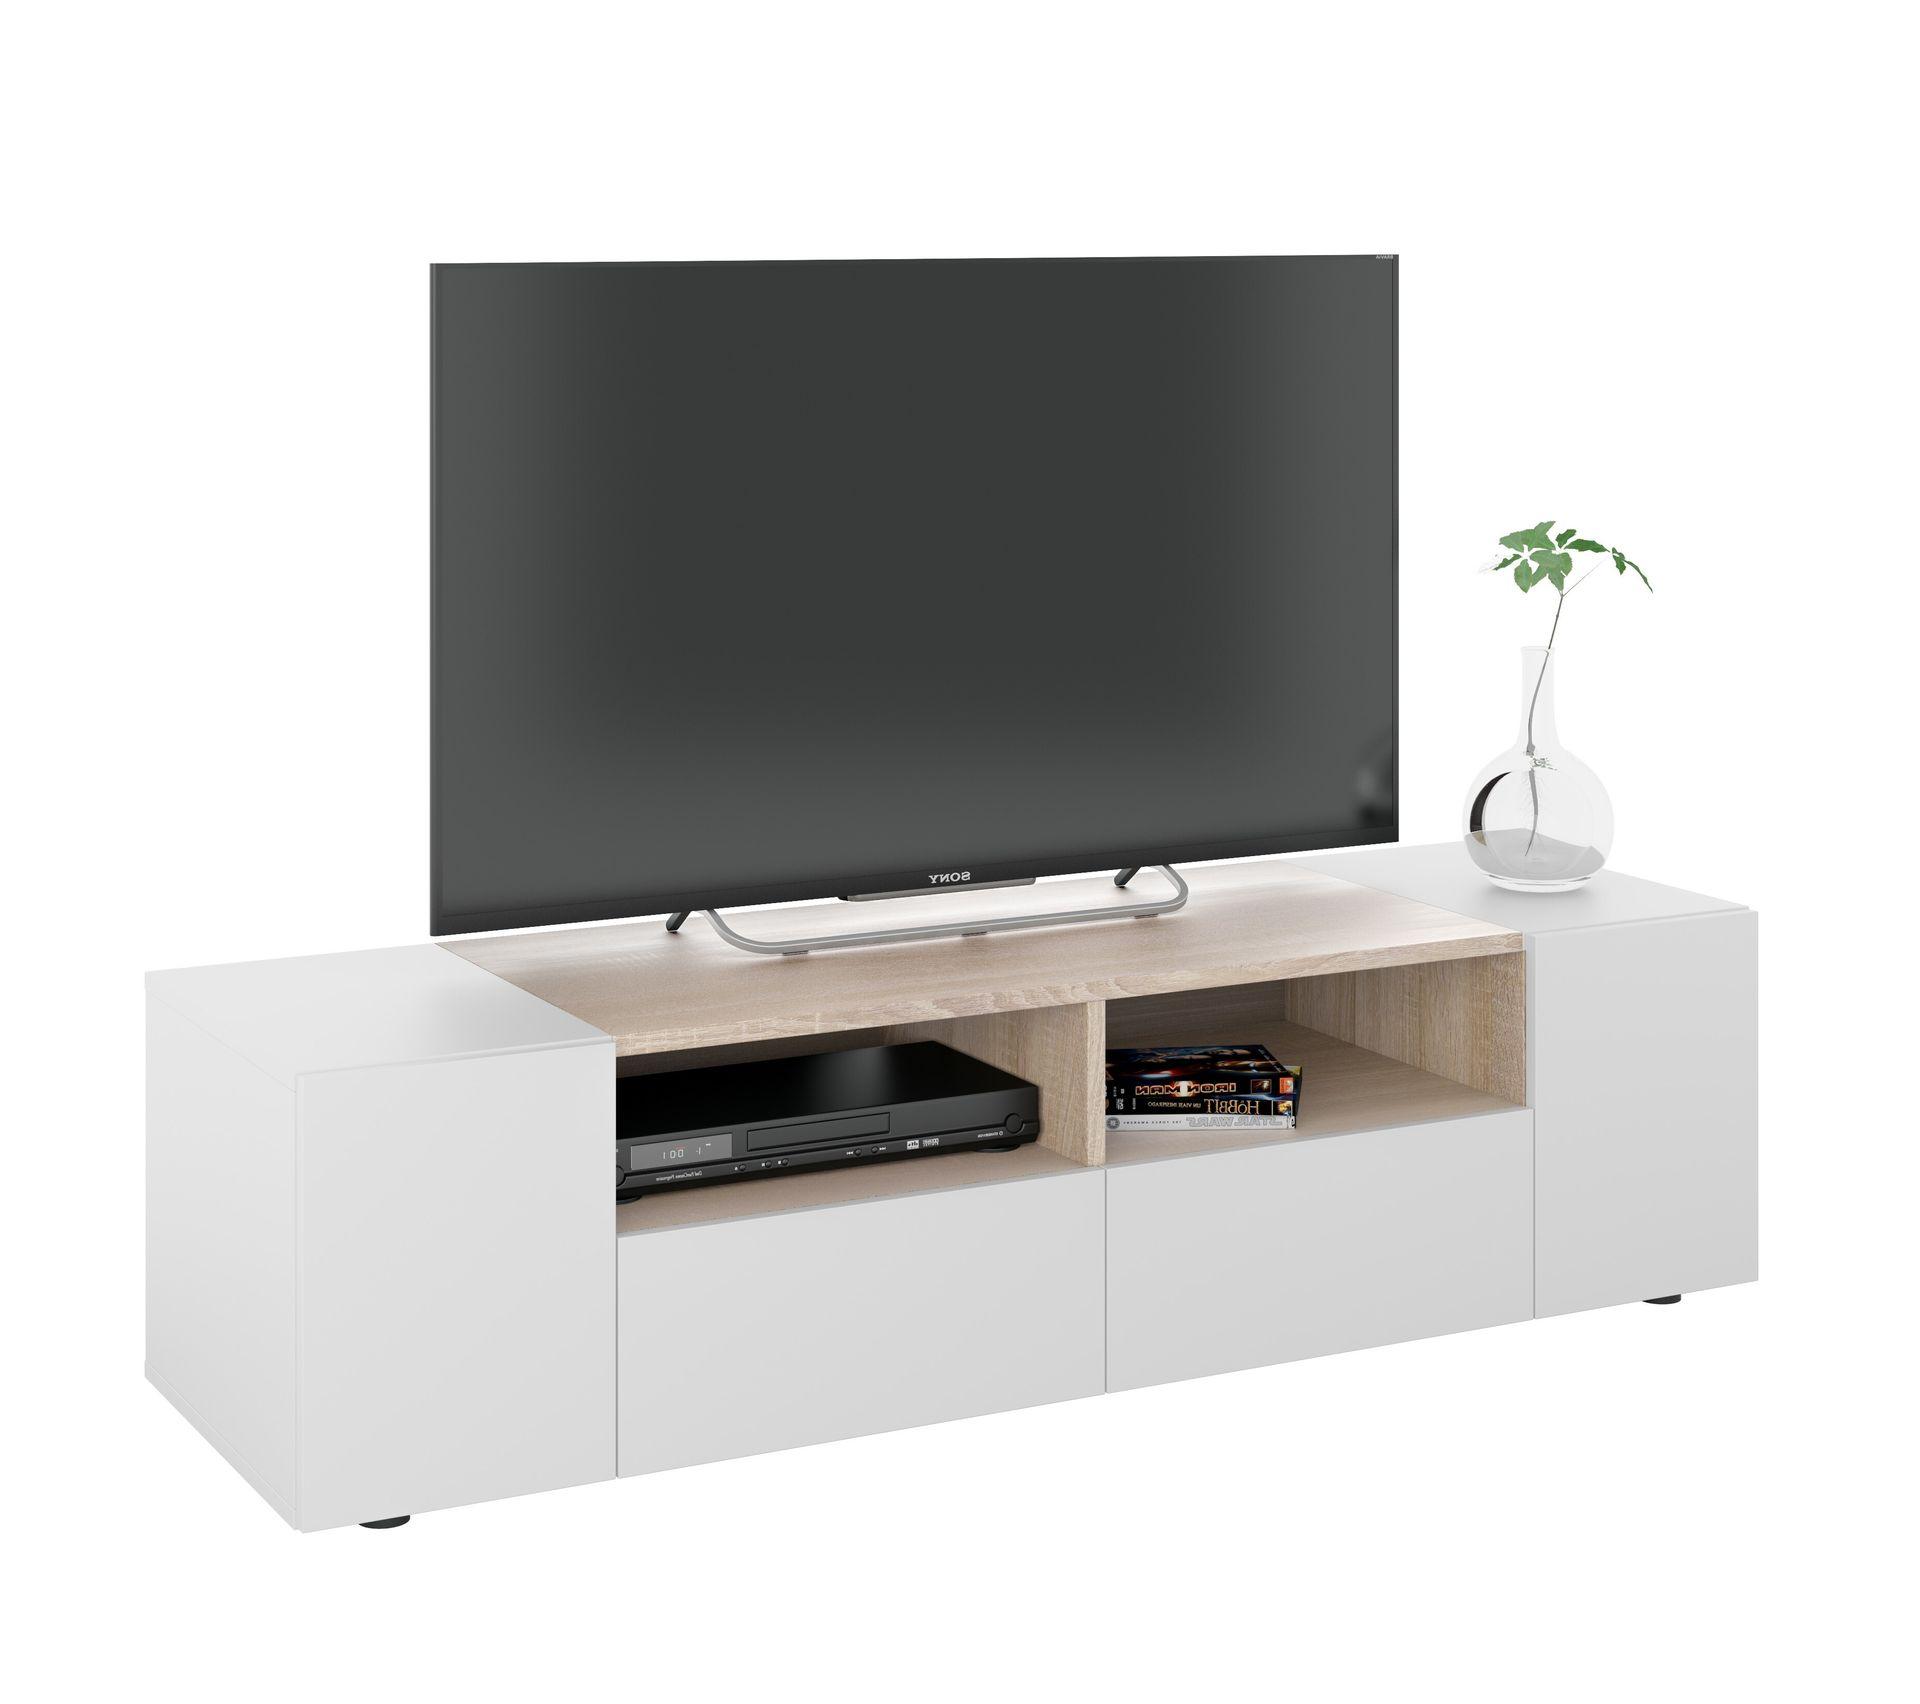 Meuble Tv Avec Barre De Son meuble tv contemporain tamio blanc et décor chêne - longueur 138 cm